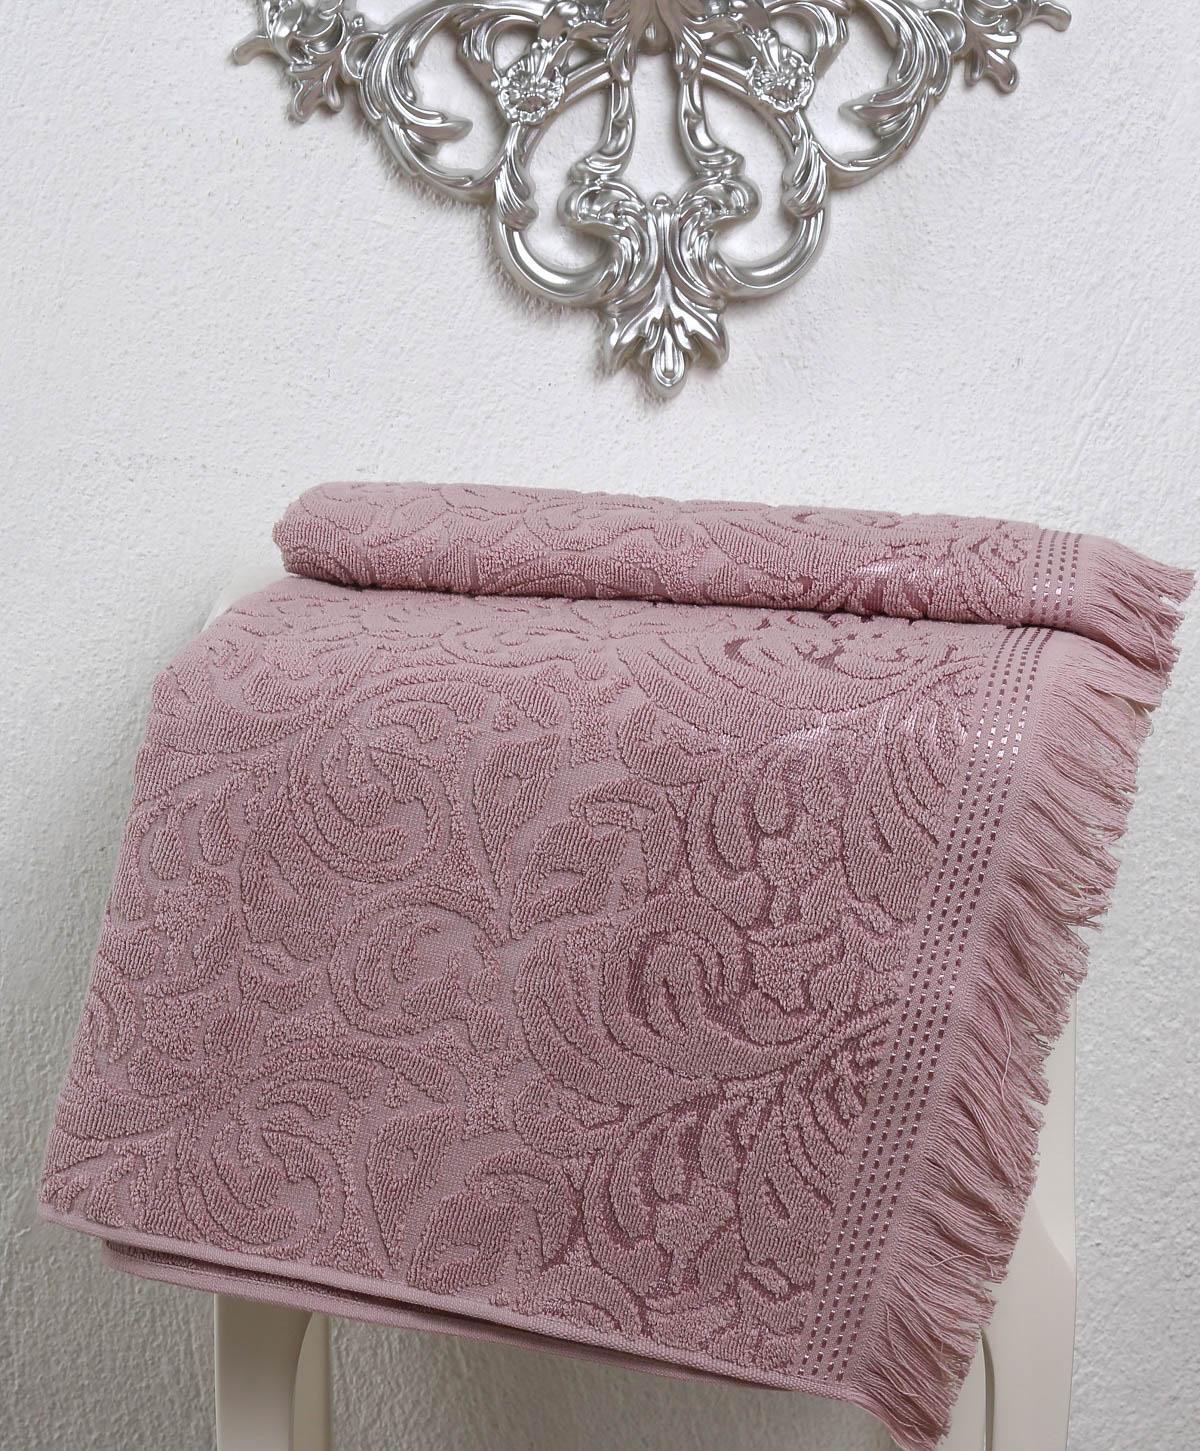 где купить Полотенца Karna Полотенце Esra Цвет: Грязно-Розовый (50х90 см) по лучшей цене